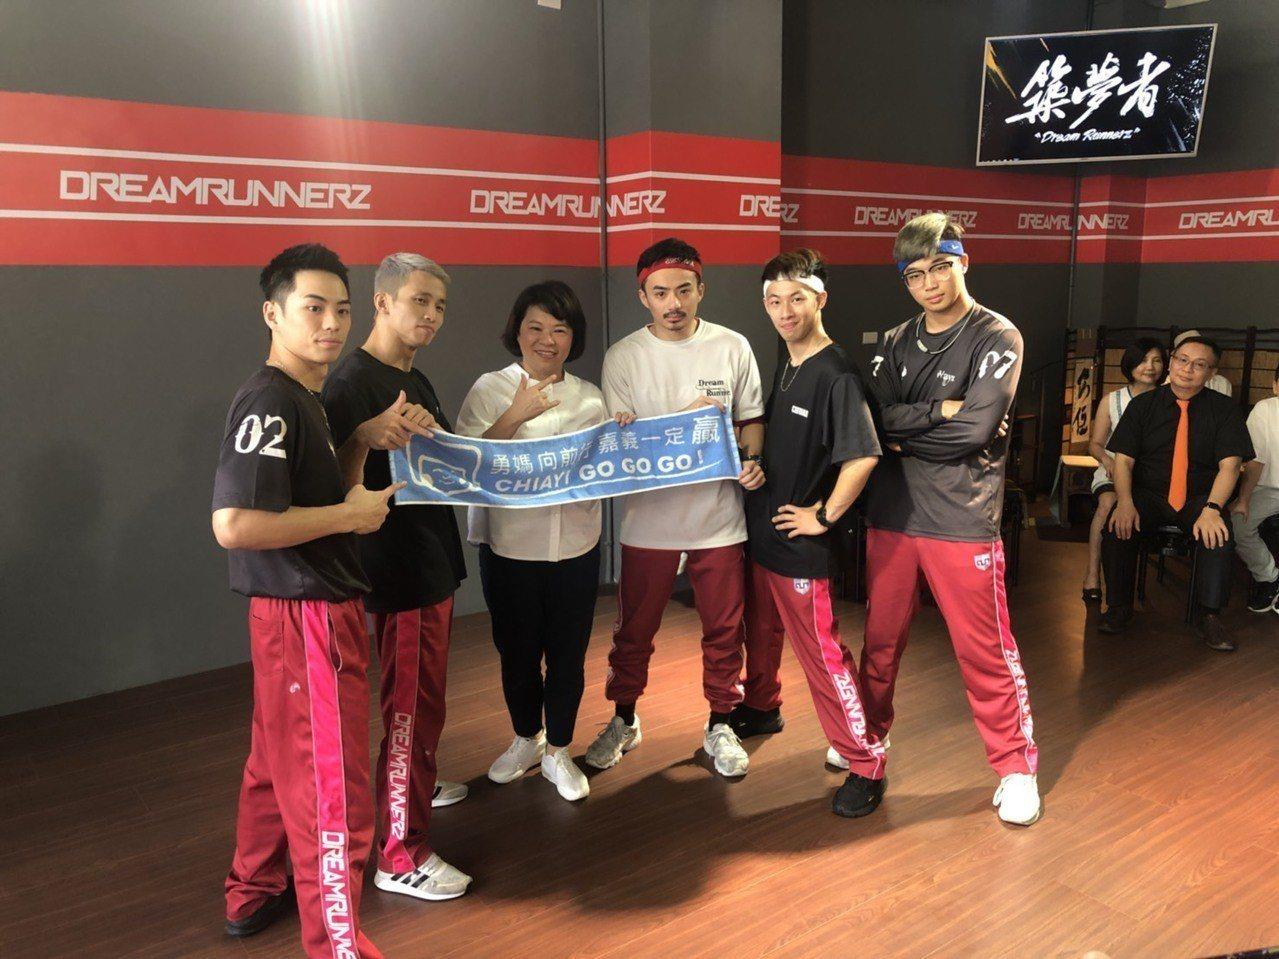 築夢者舞團將代表台灣參加歐洲街舞比賽。記者李承穎/攝影